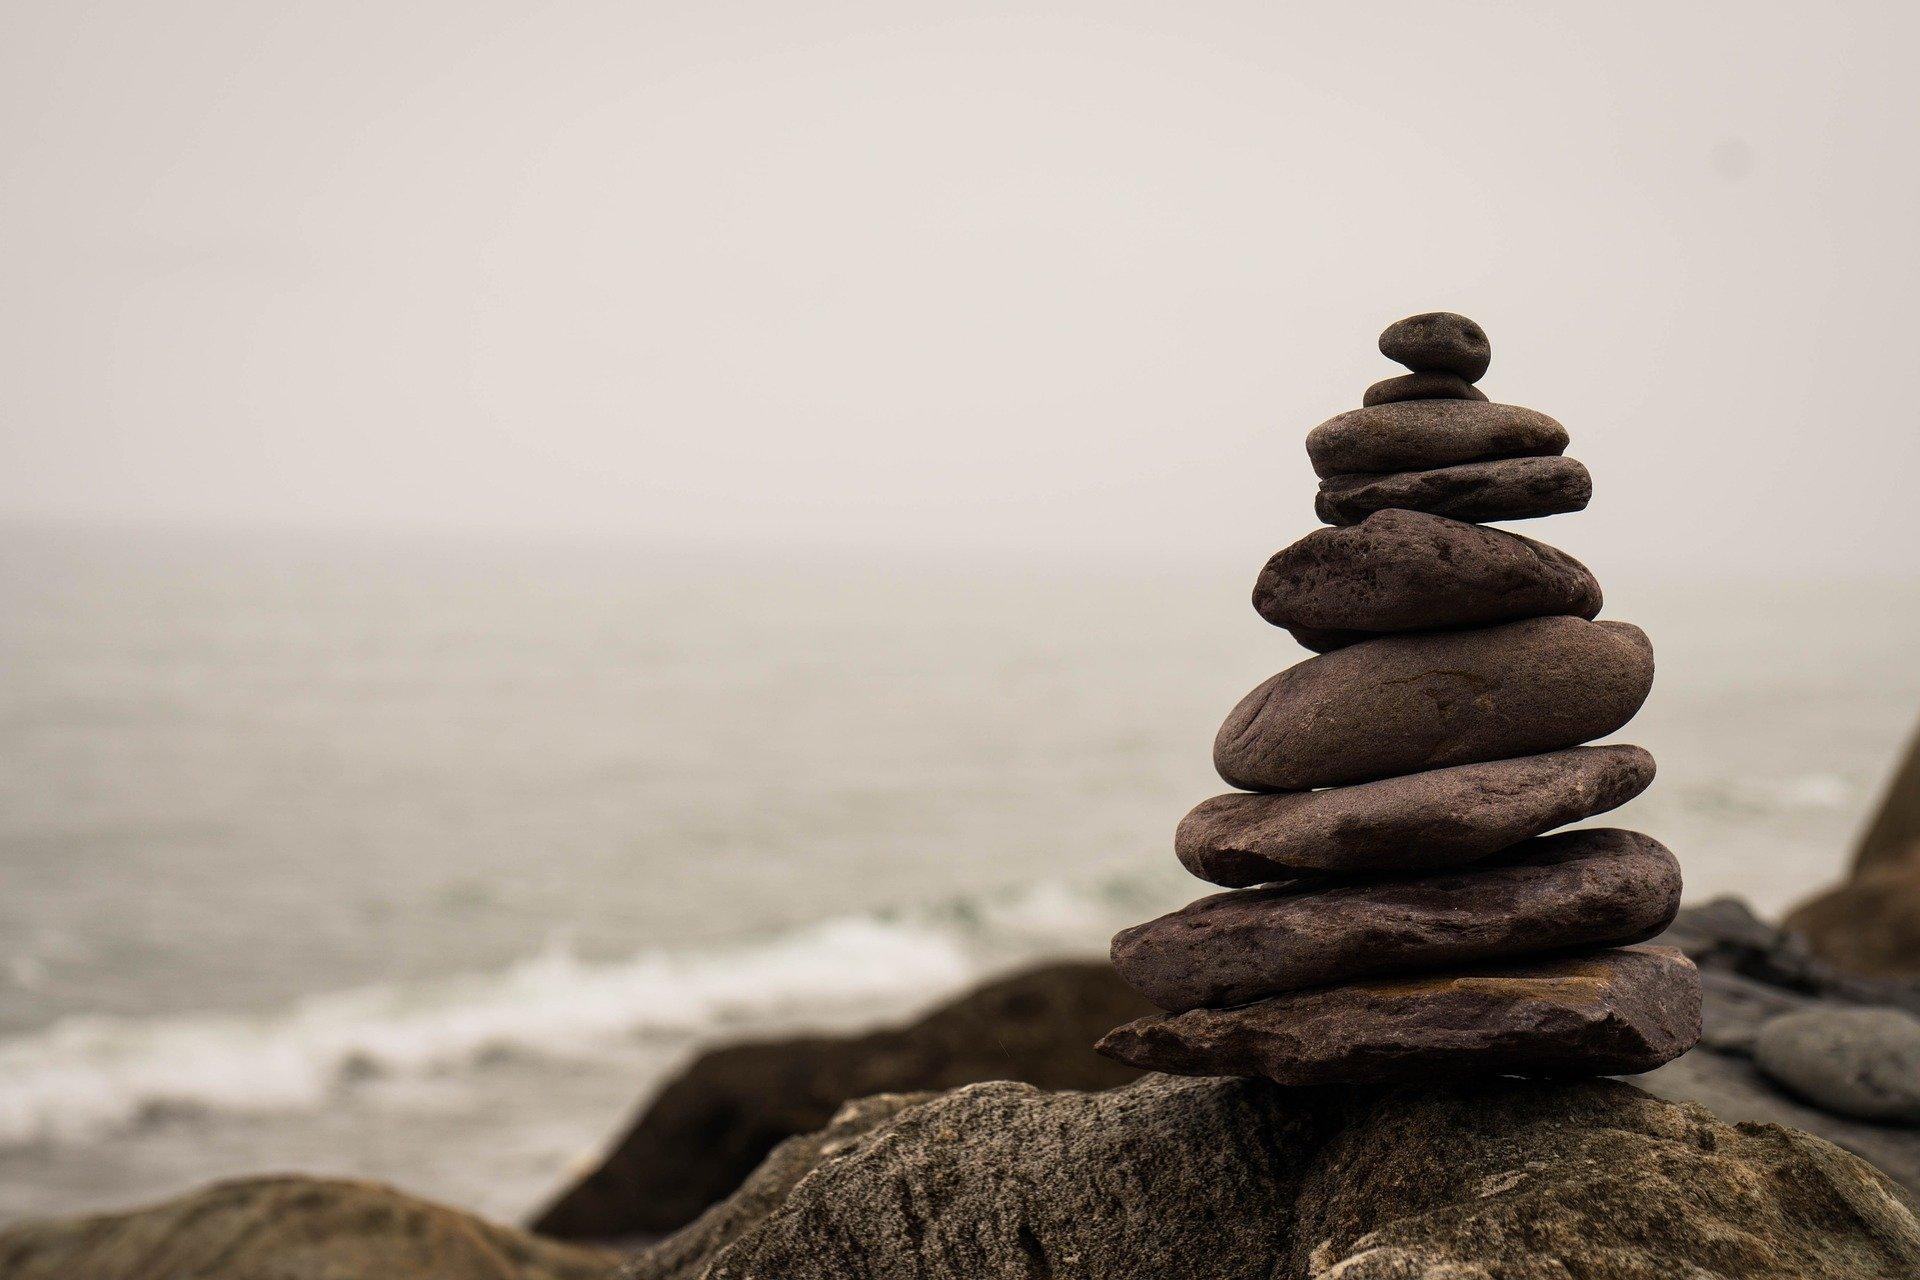 balance-2686214_1920